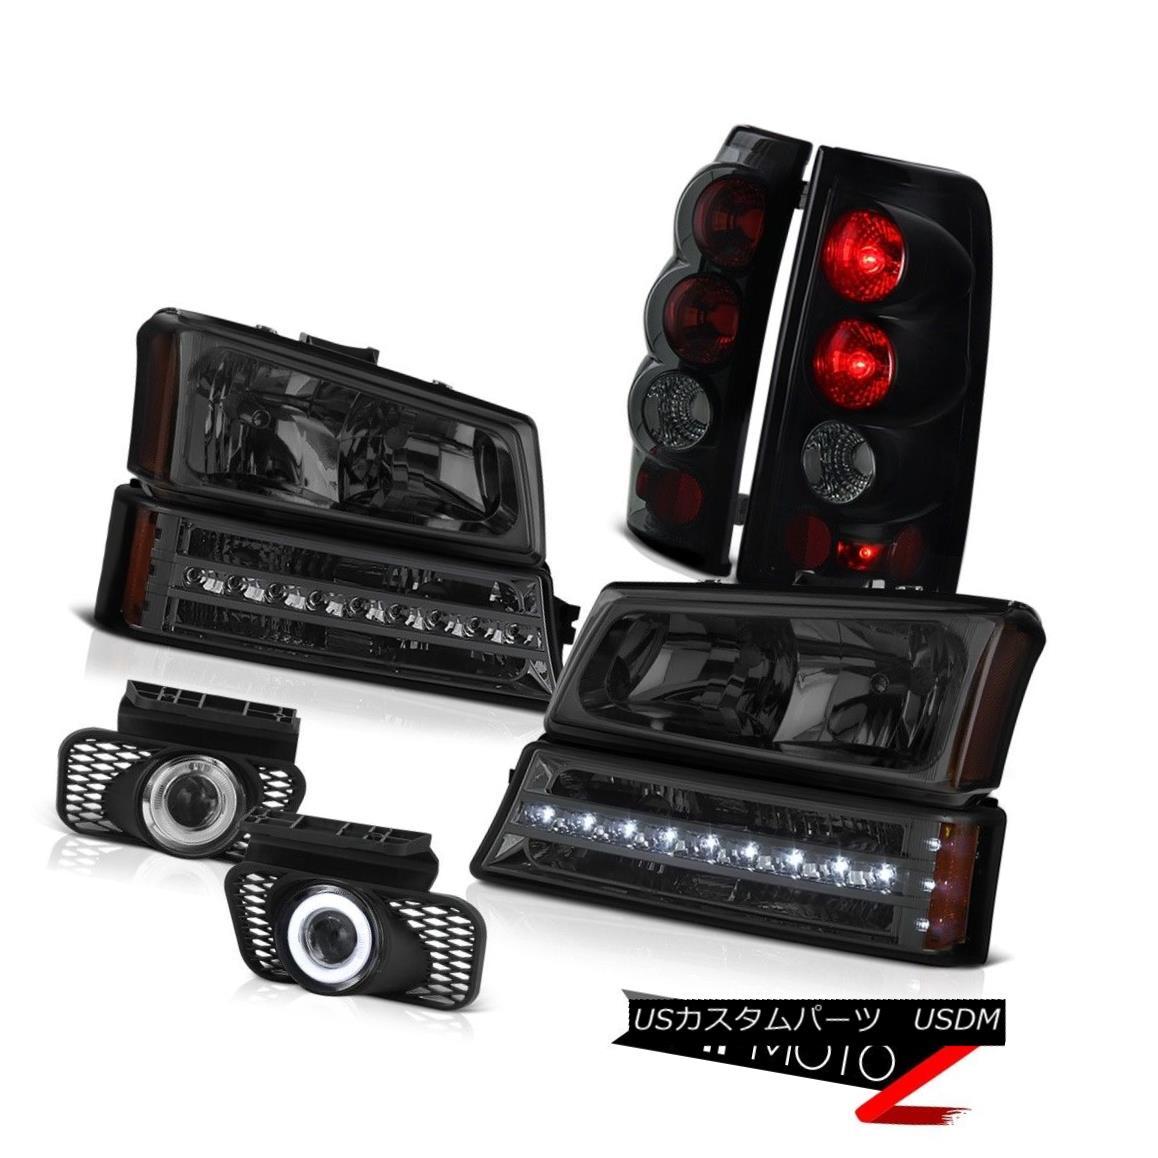 テールライト 03-06 Silverado 2500HD Clear chrome fog lights taillights signal lamp headlamps 03-06 Silverado 2500HDクリアクロムフォグライトテールライトシグナルランプヘッドランプ